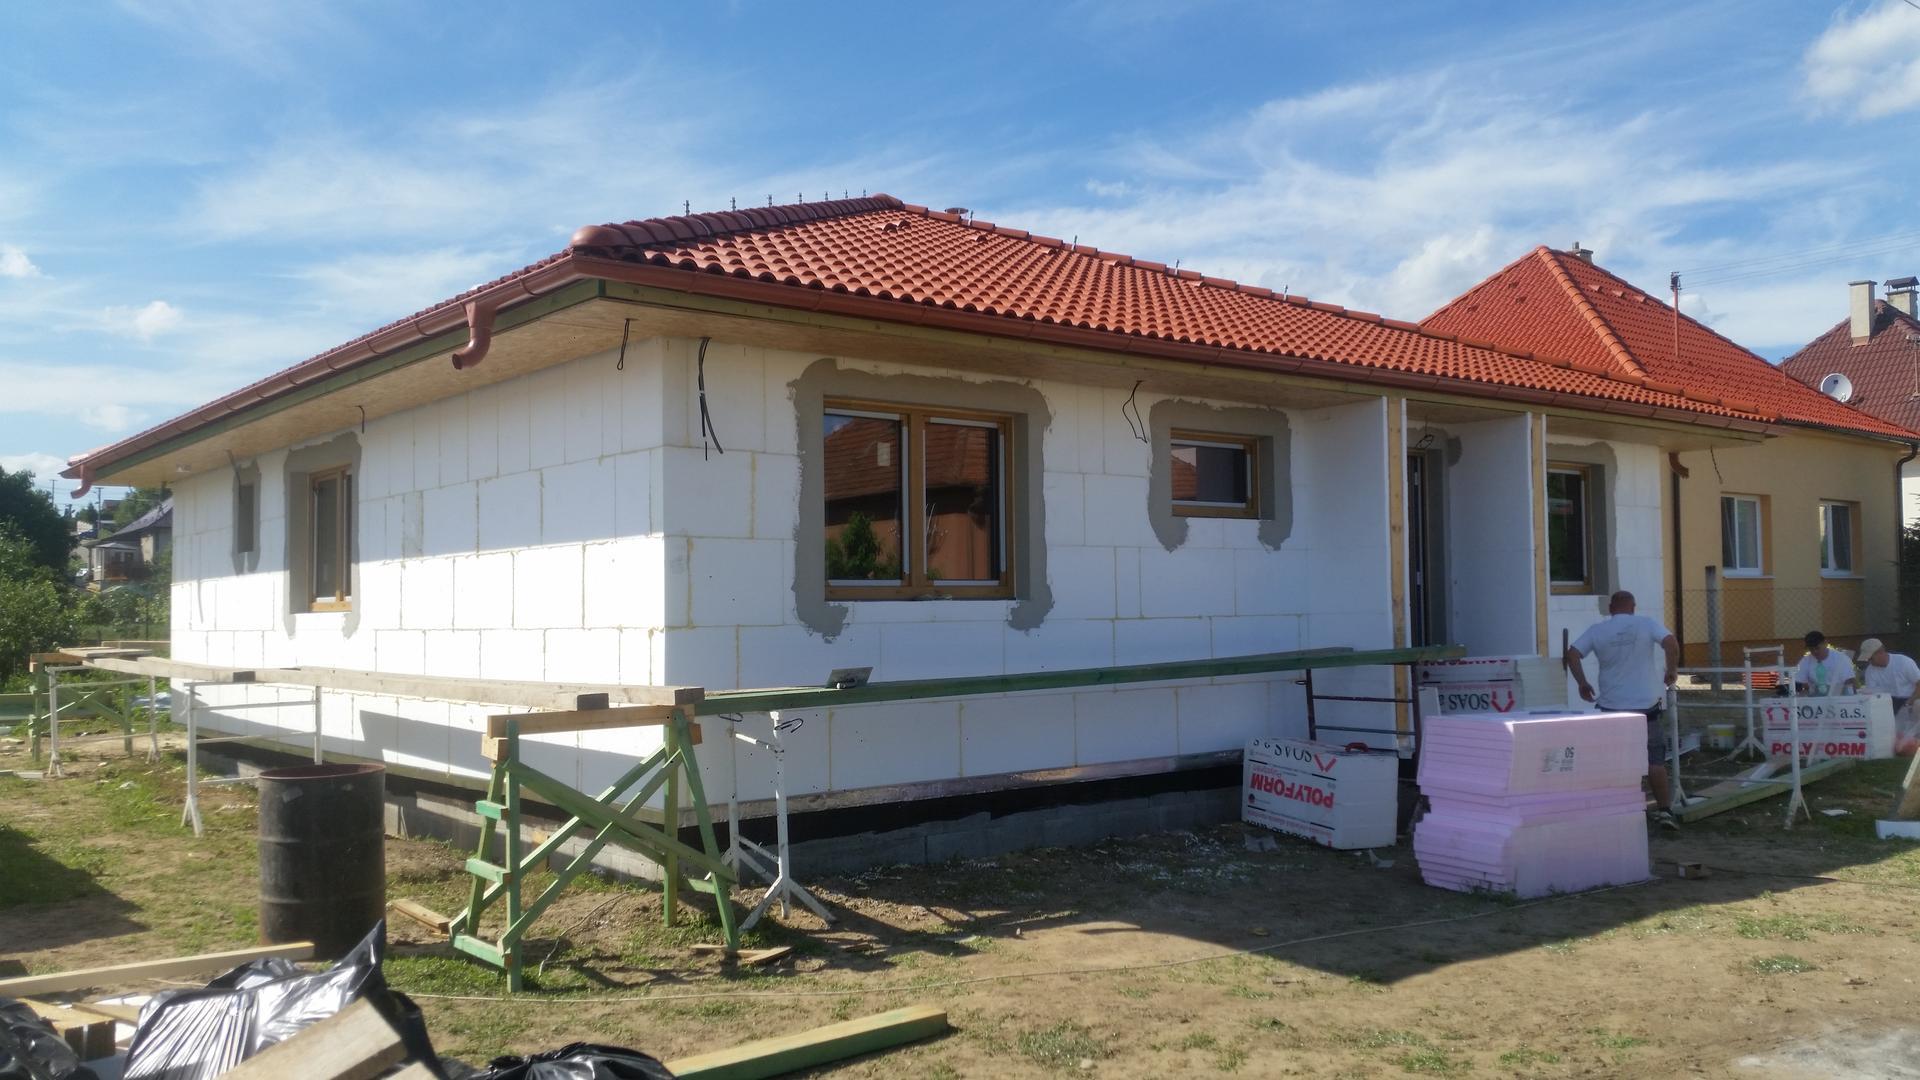 bungaLOVE - strecha terran danubia tehlovočervená